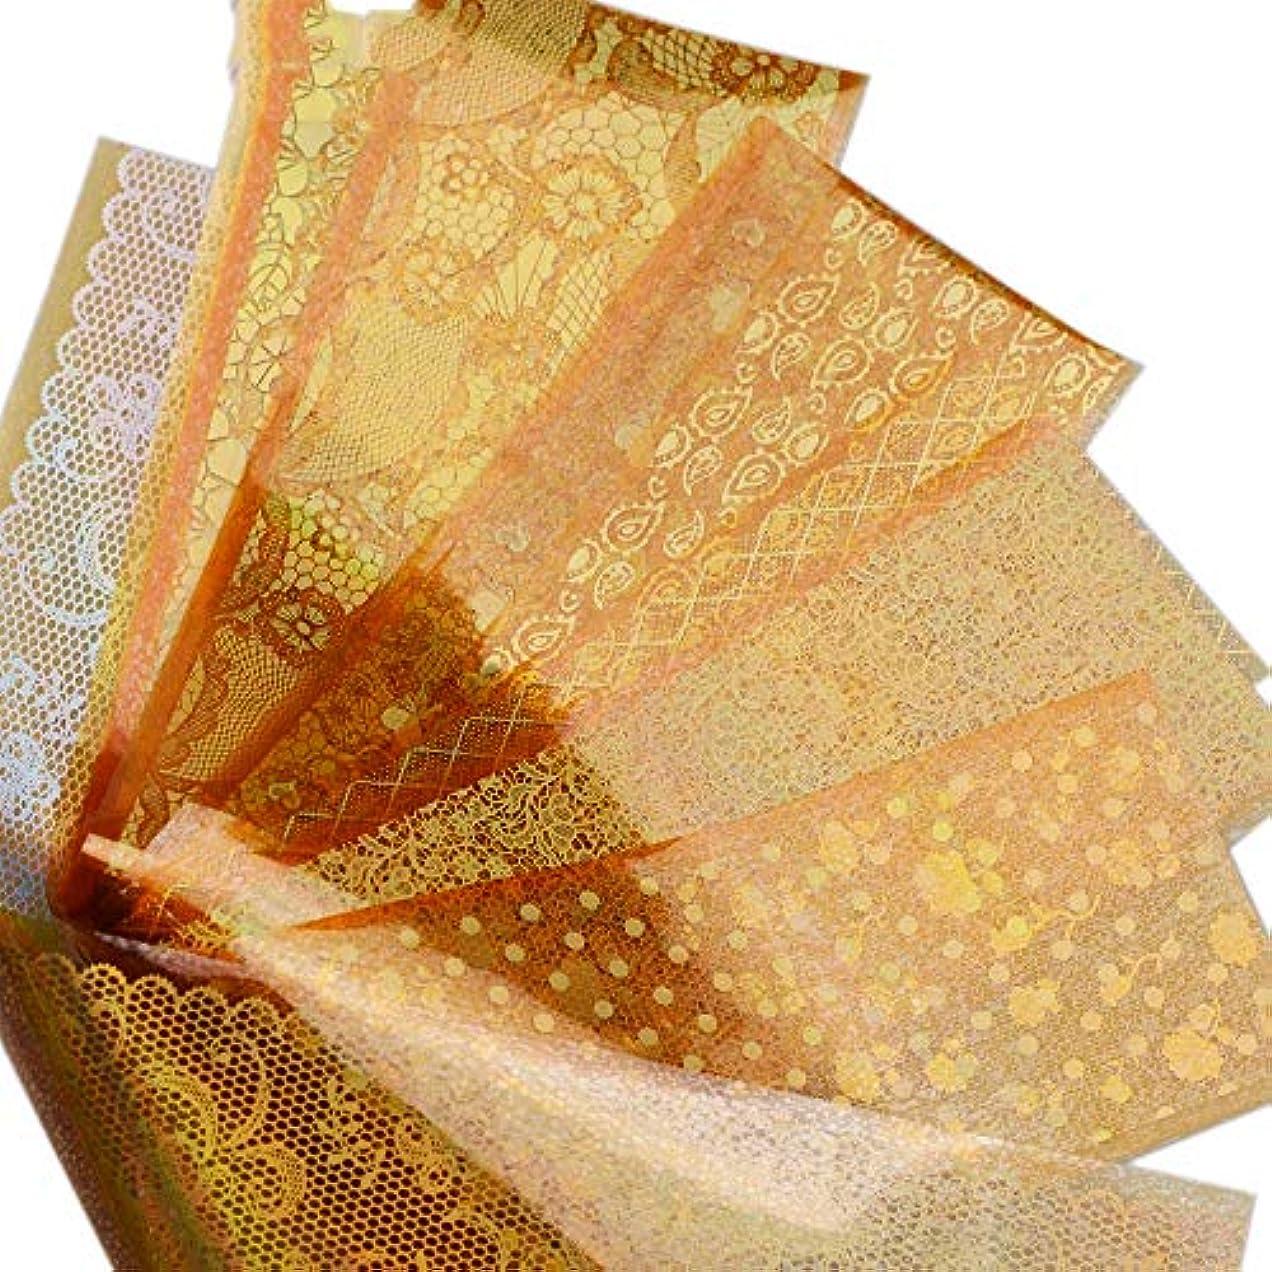 有料シティスクワイア16のデザイン/マニキュアツールマジックレーザーネイルアート転送星空ステッカーデカールに設定されたゴージャスなゴールドカラーネイル箔のヒントインテリア